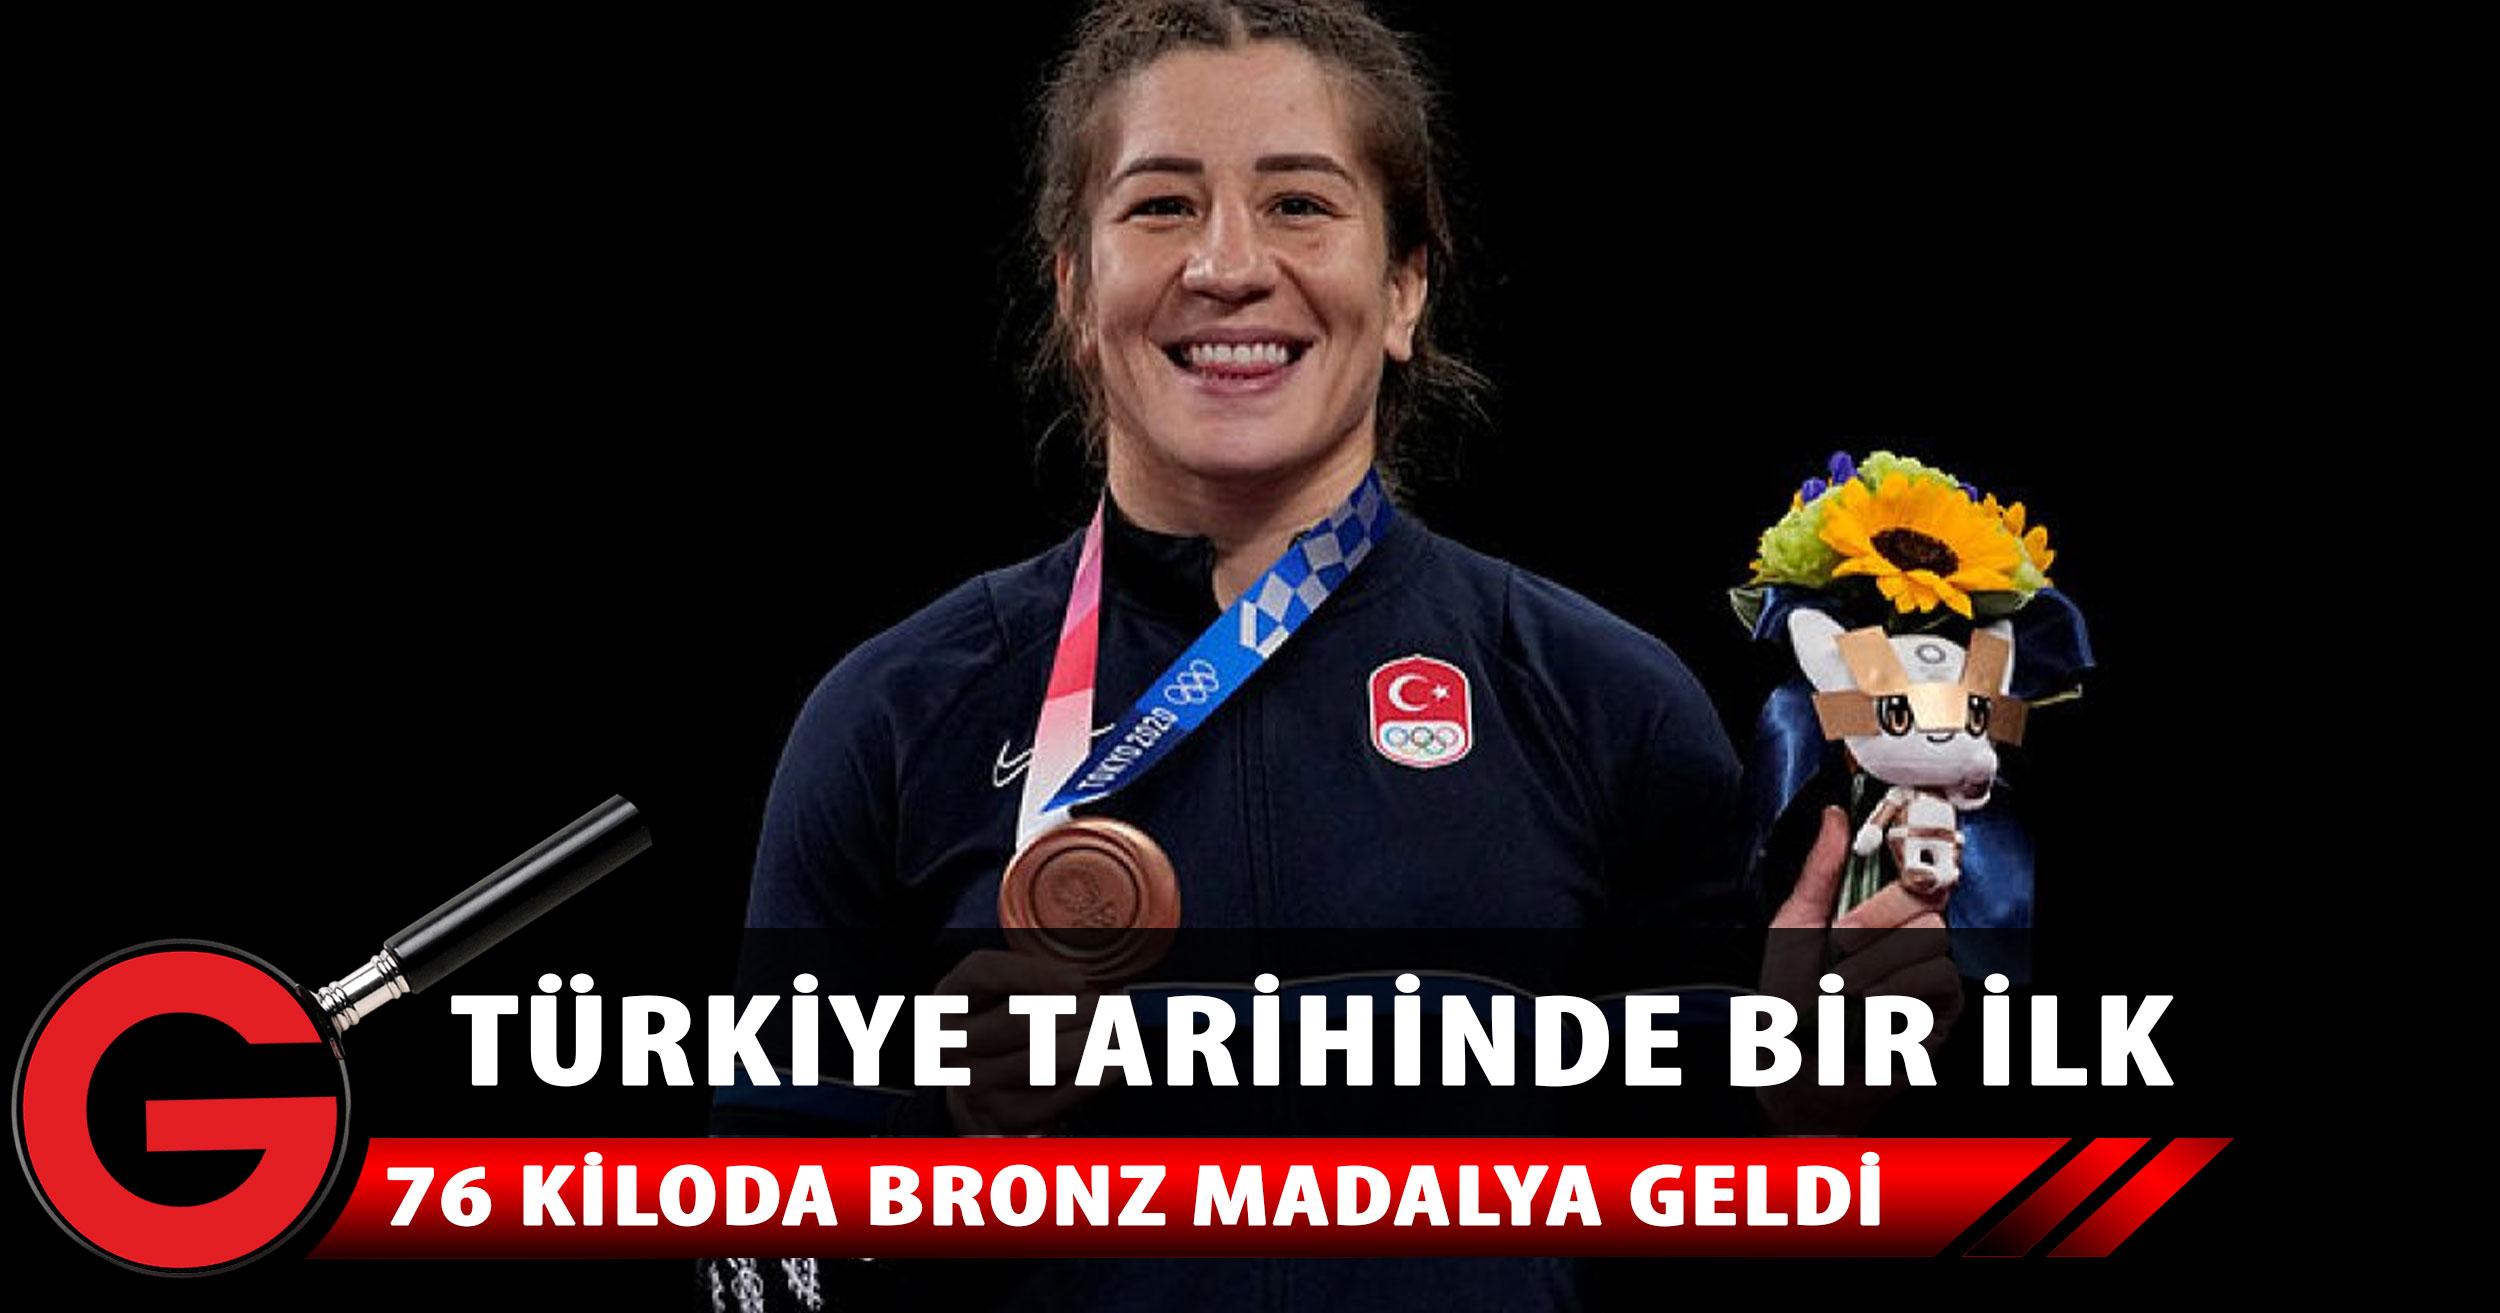 Yasemin Adar, serbest stil 76 kiloda bronz madalya kazandı